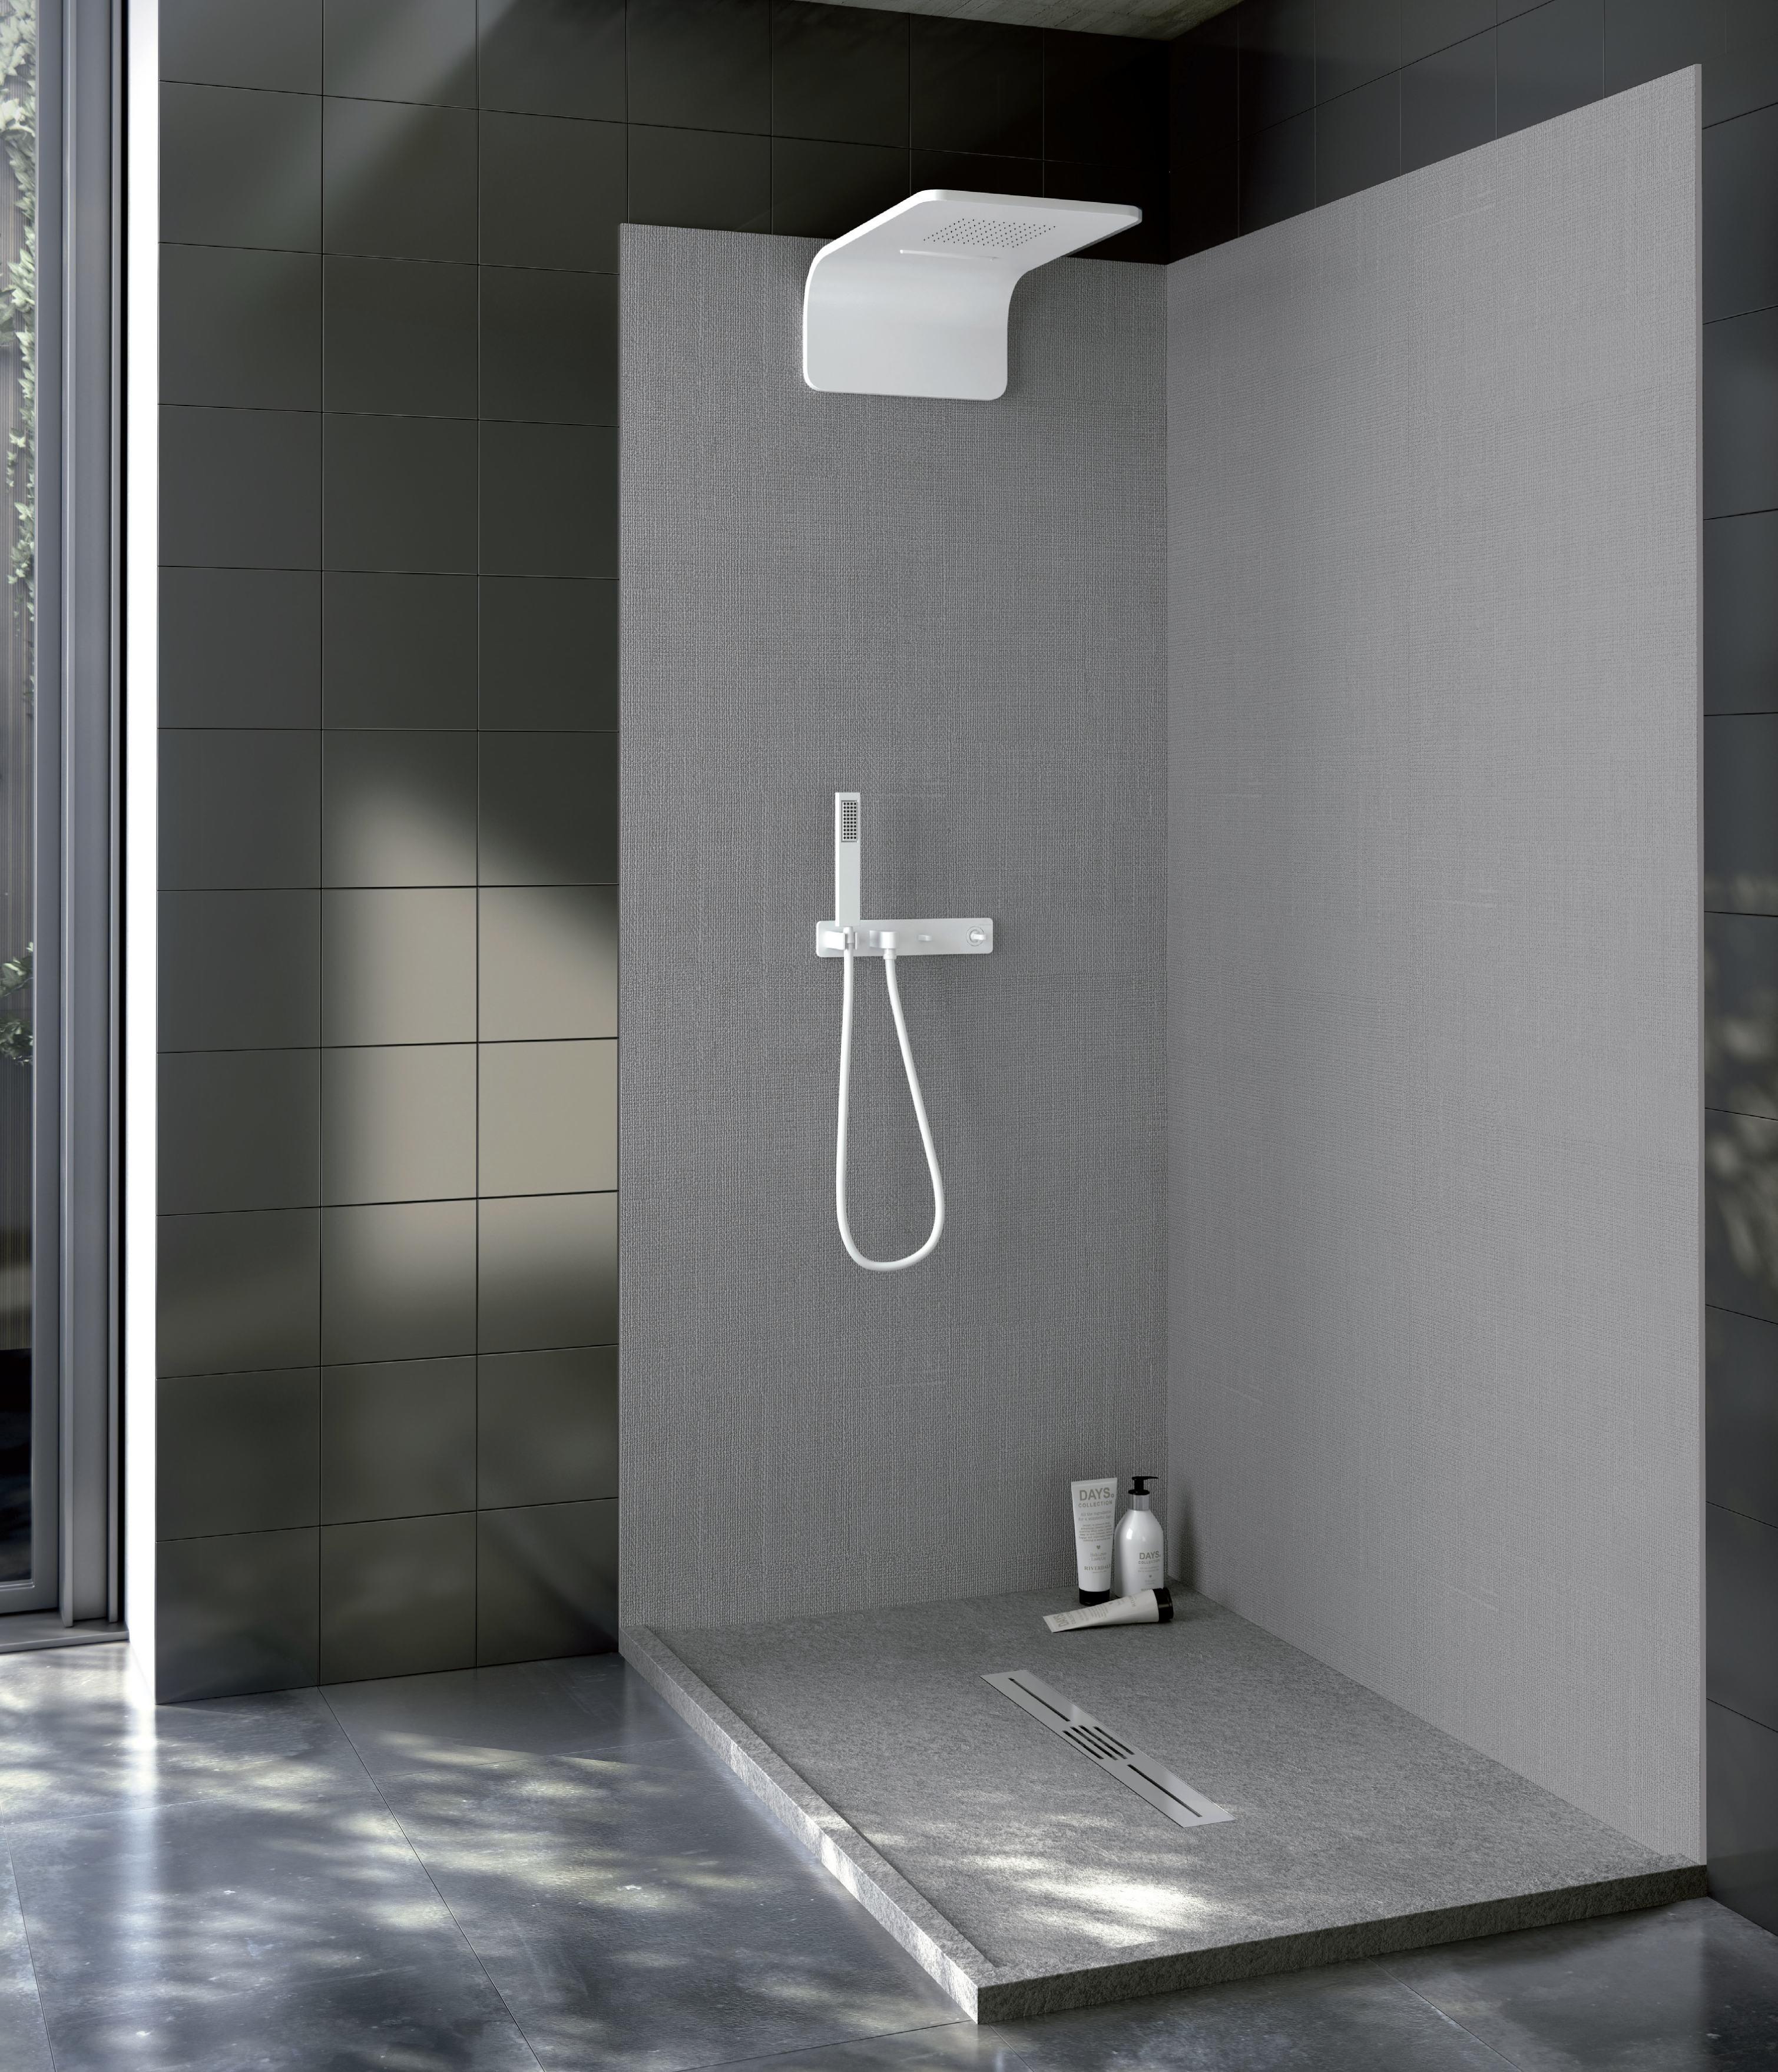 In bagno superfici in solid surface per piani lavabi for Piani casa ultra contemporanei